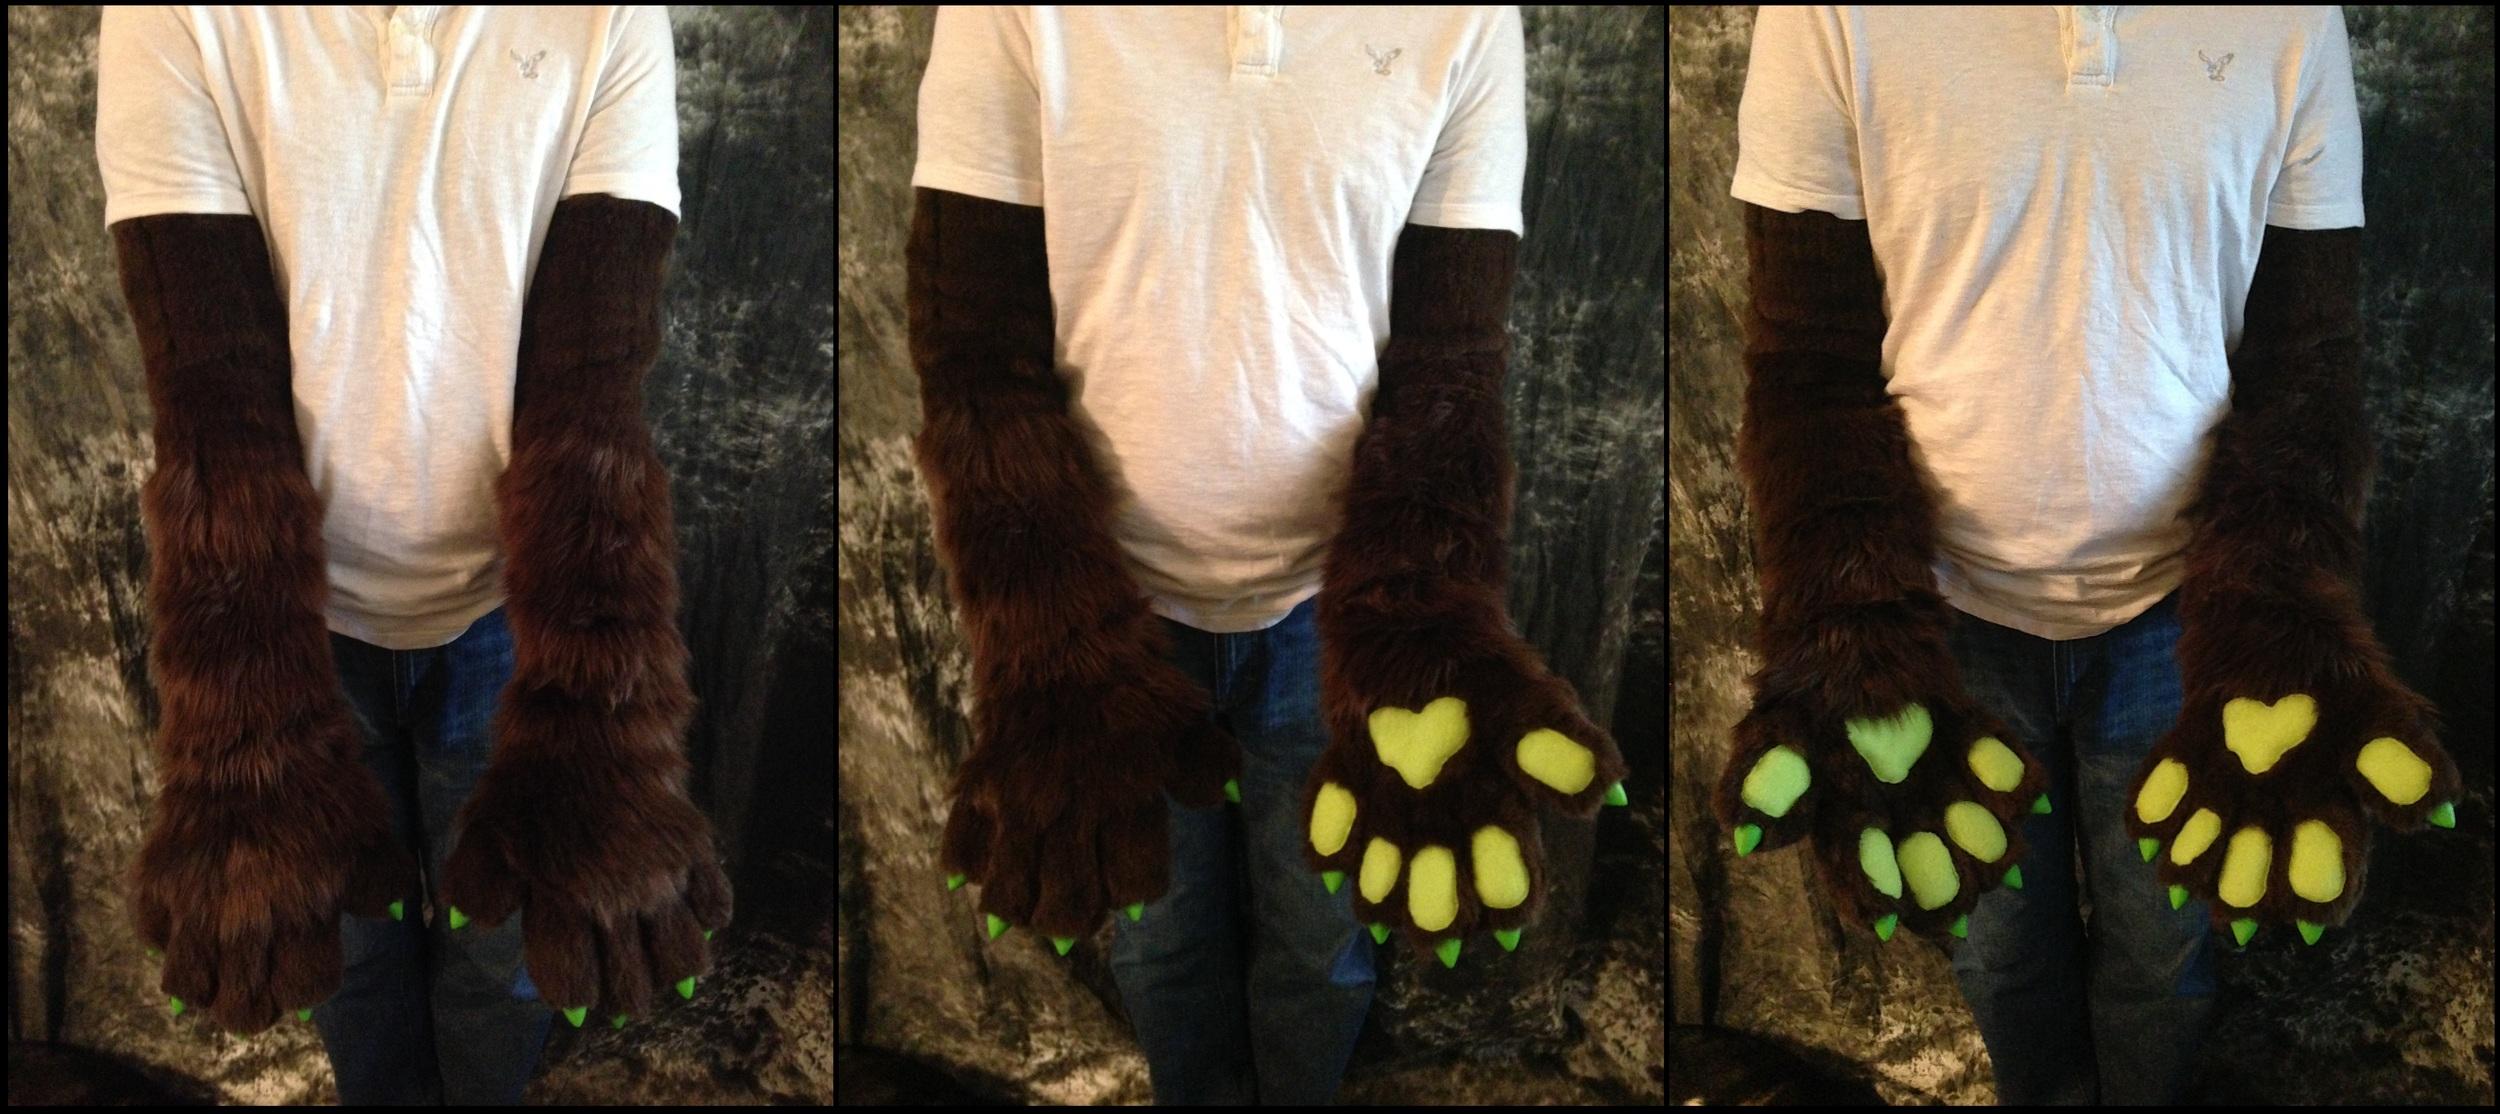 daisydog paws and arms.jpg